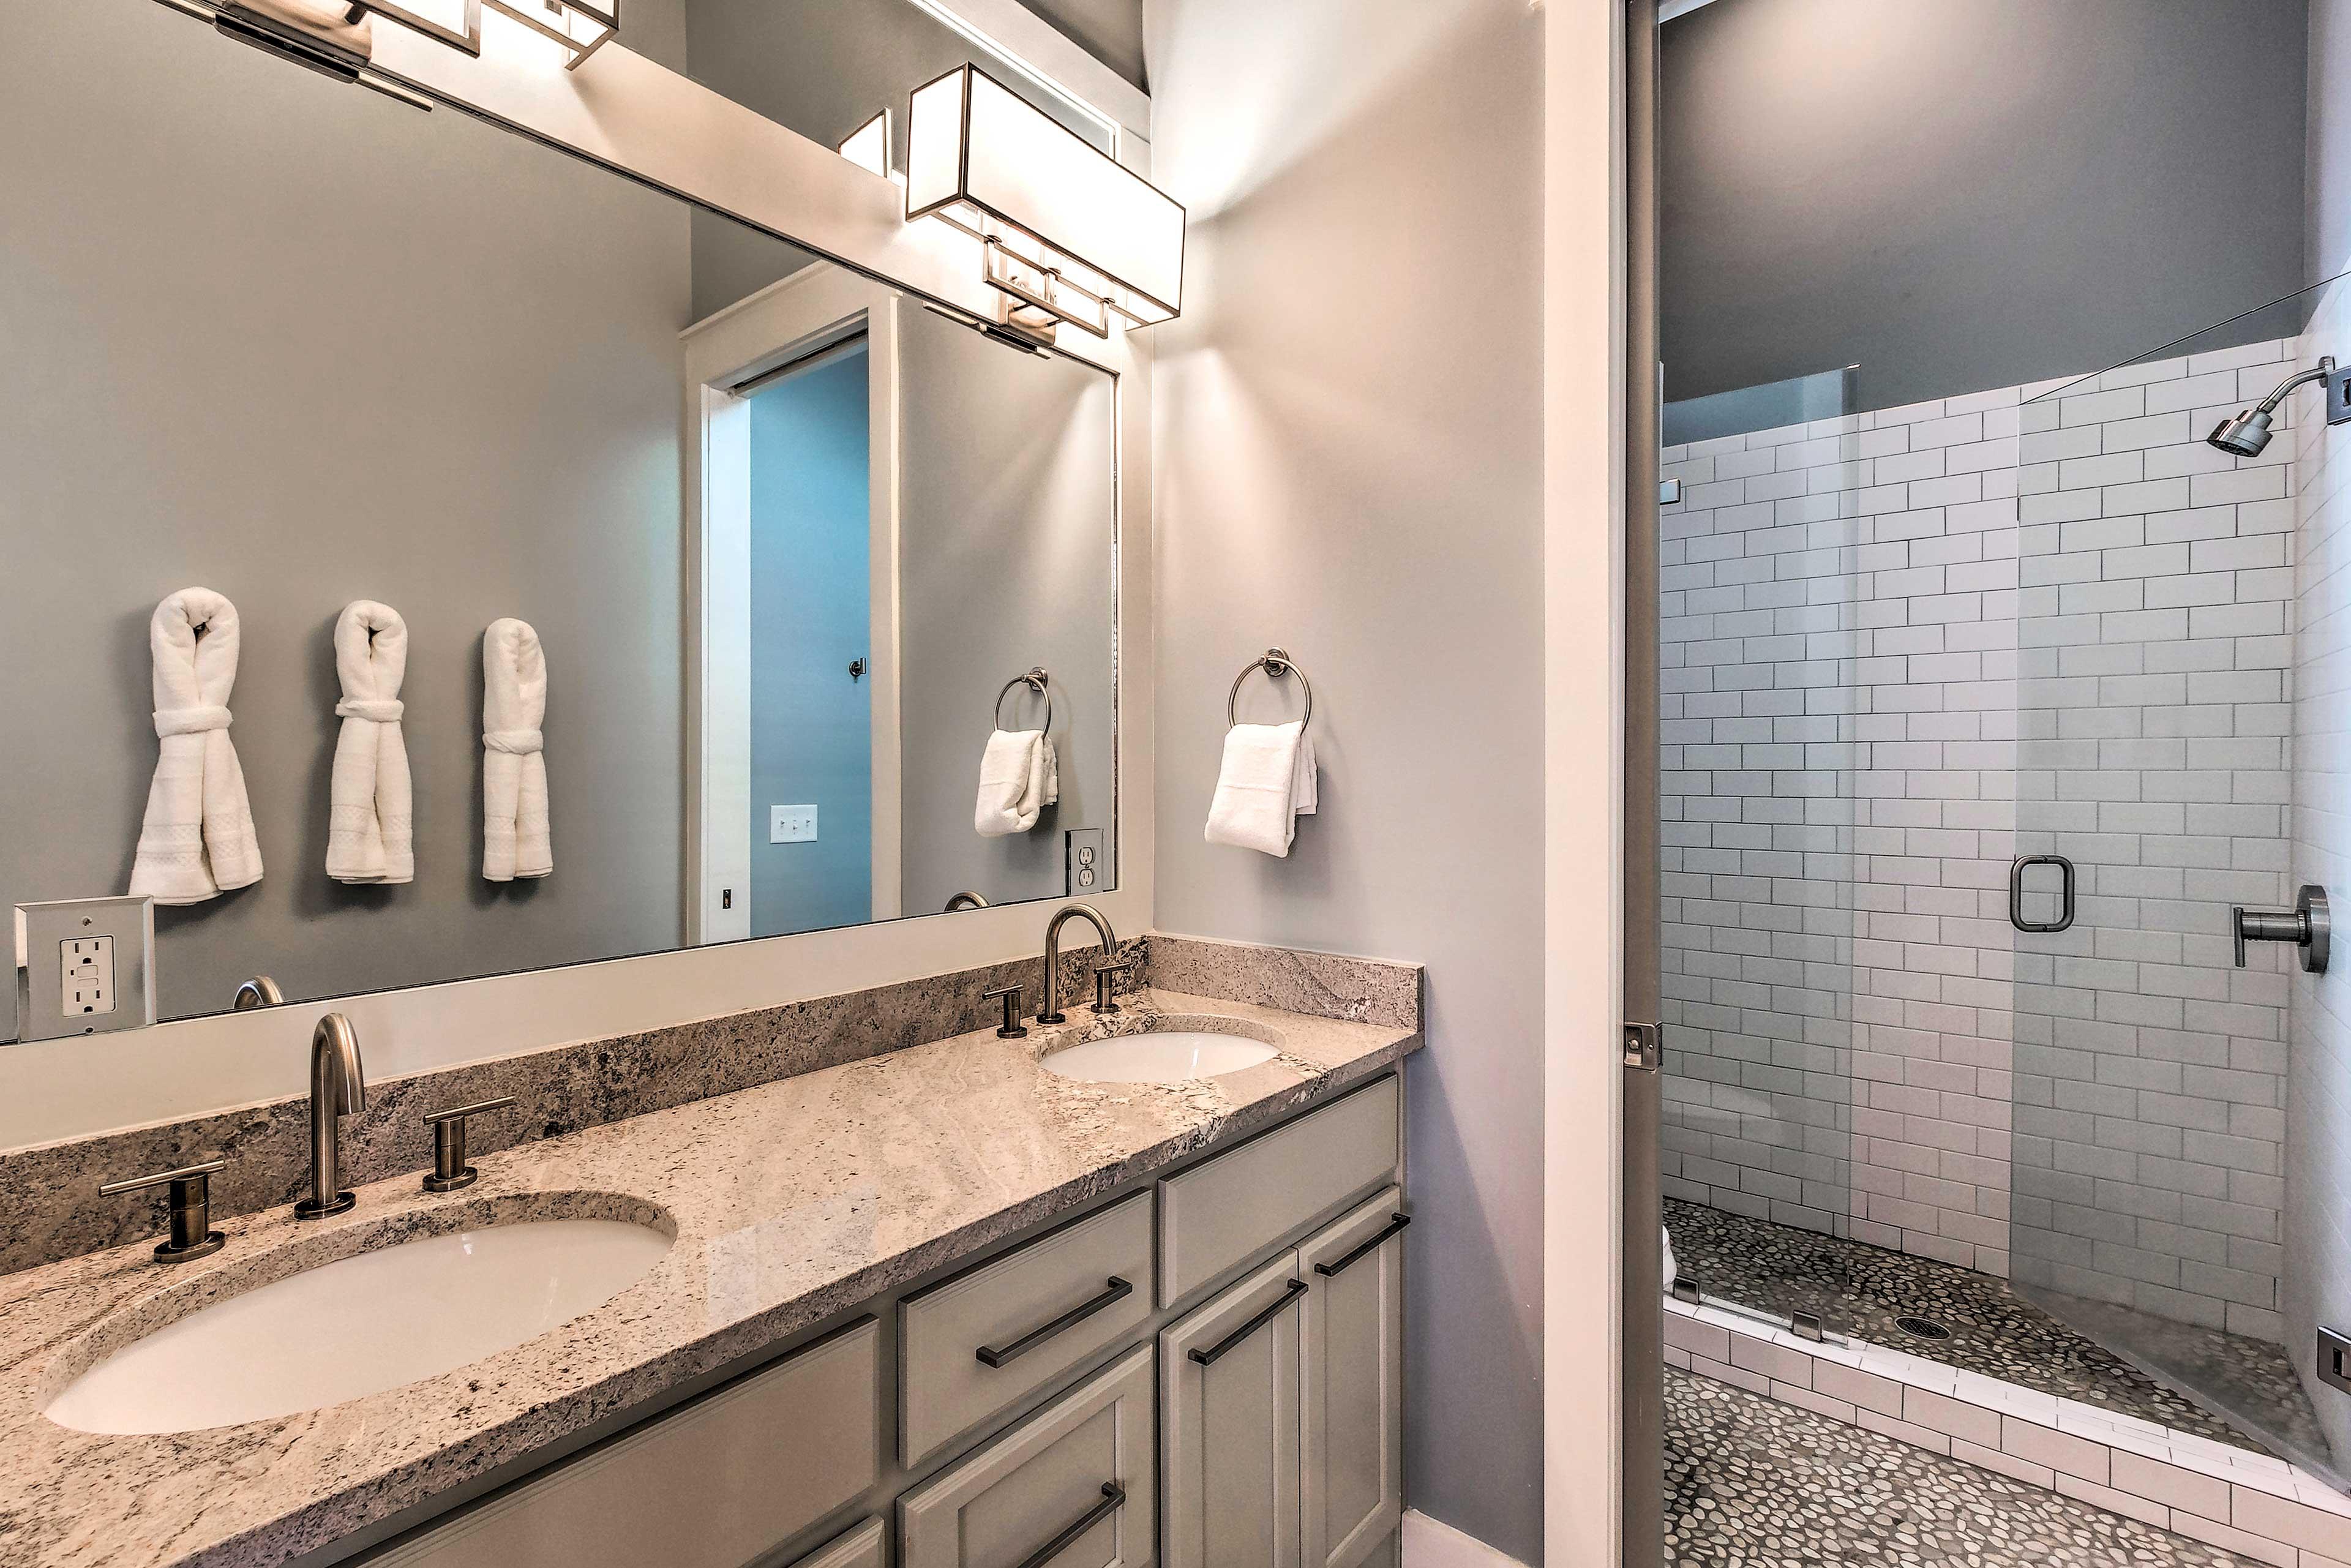 Barn doors reveal the en-suite bath.